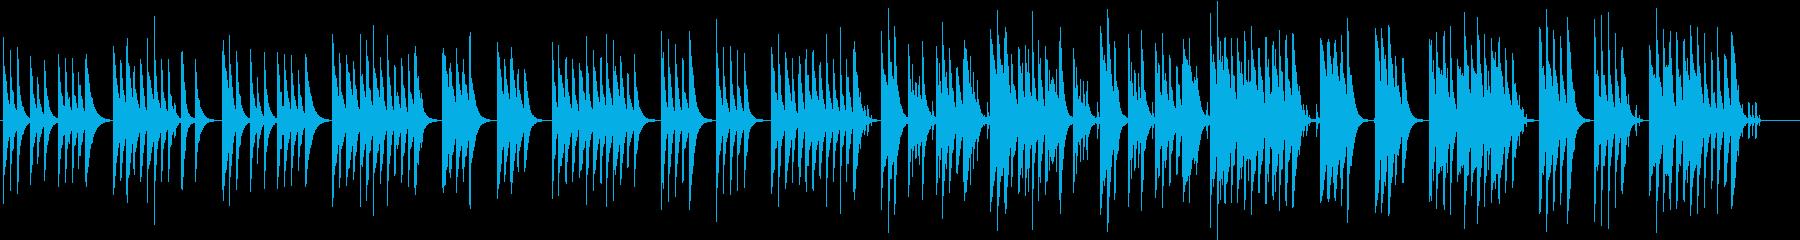 木琴の音が特徴のほのぼのとしたかわいい曲の再生済みの波形